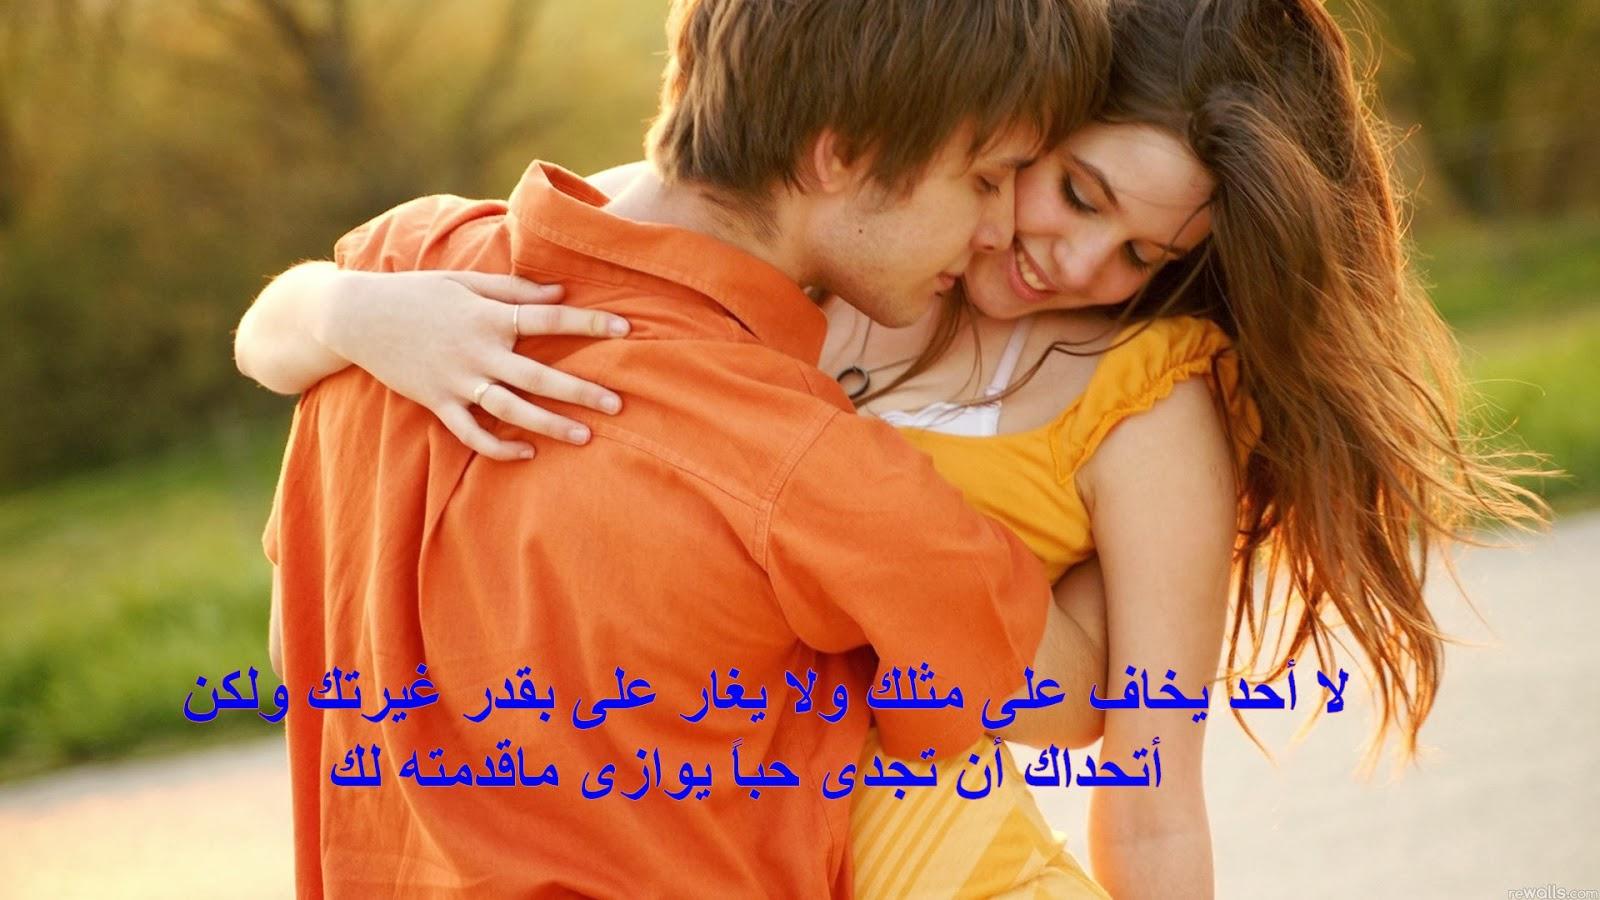 صور حب مكتوب عليها كلام رومانسي اظهر لحبيبتك مقدار الحب